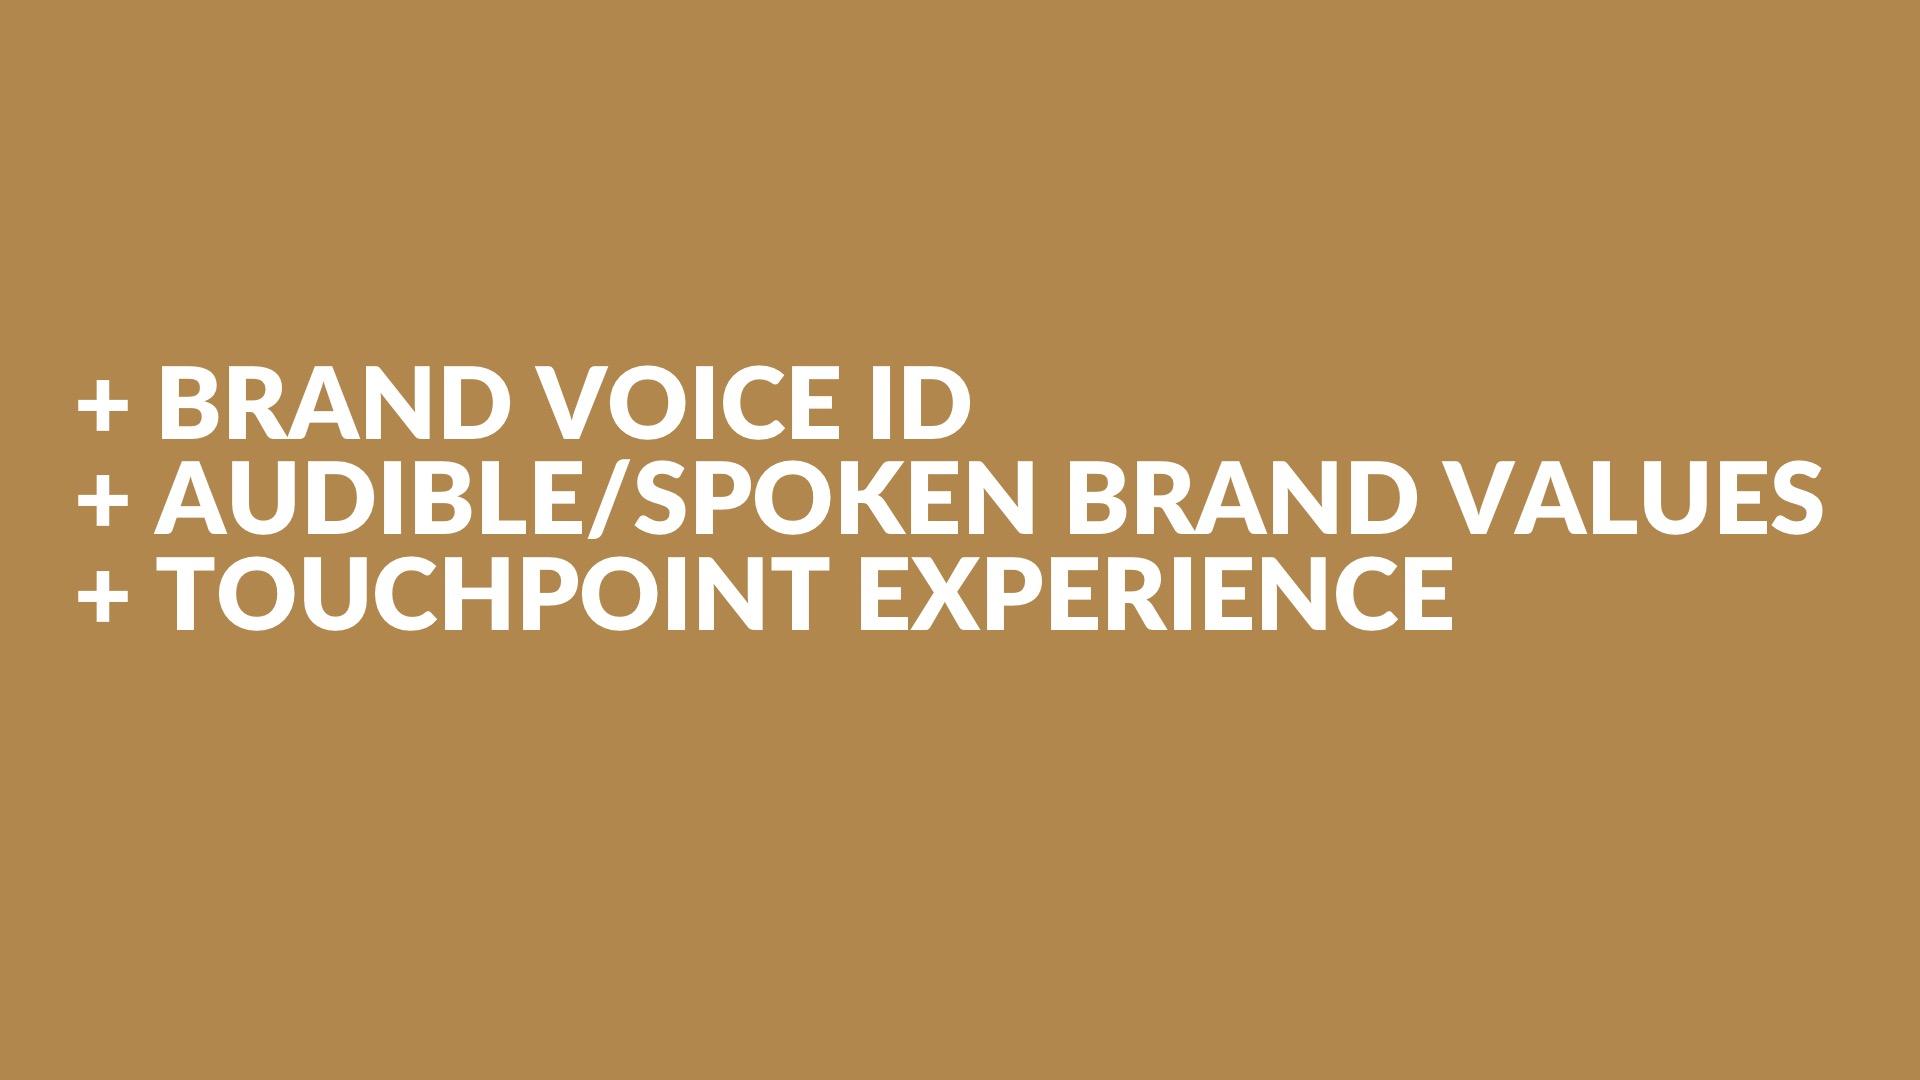 Benefits - Die frische Stimme trägt die Werte und den Charme der Marke Lillet auf leichte, eben französische Art. Sie schafft die Möglichkeiten für eine zukünftige Stimmidentität und ermöglicht eine schnelle Content-Produktion. Überall dort, wo gesprochen wird.